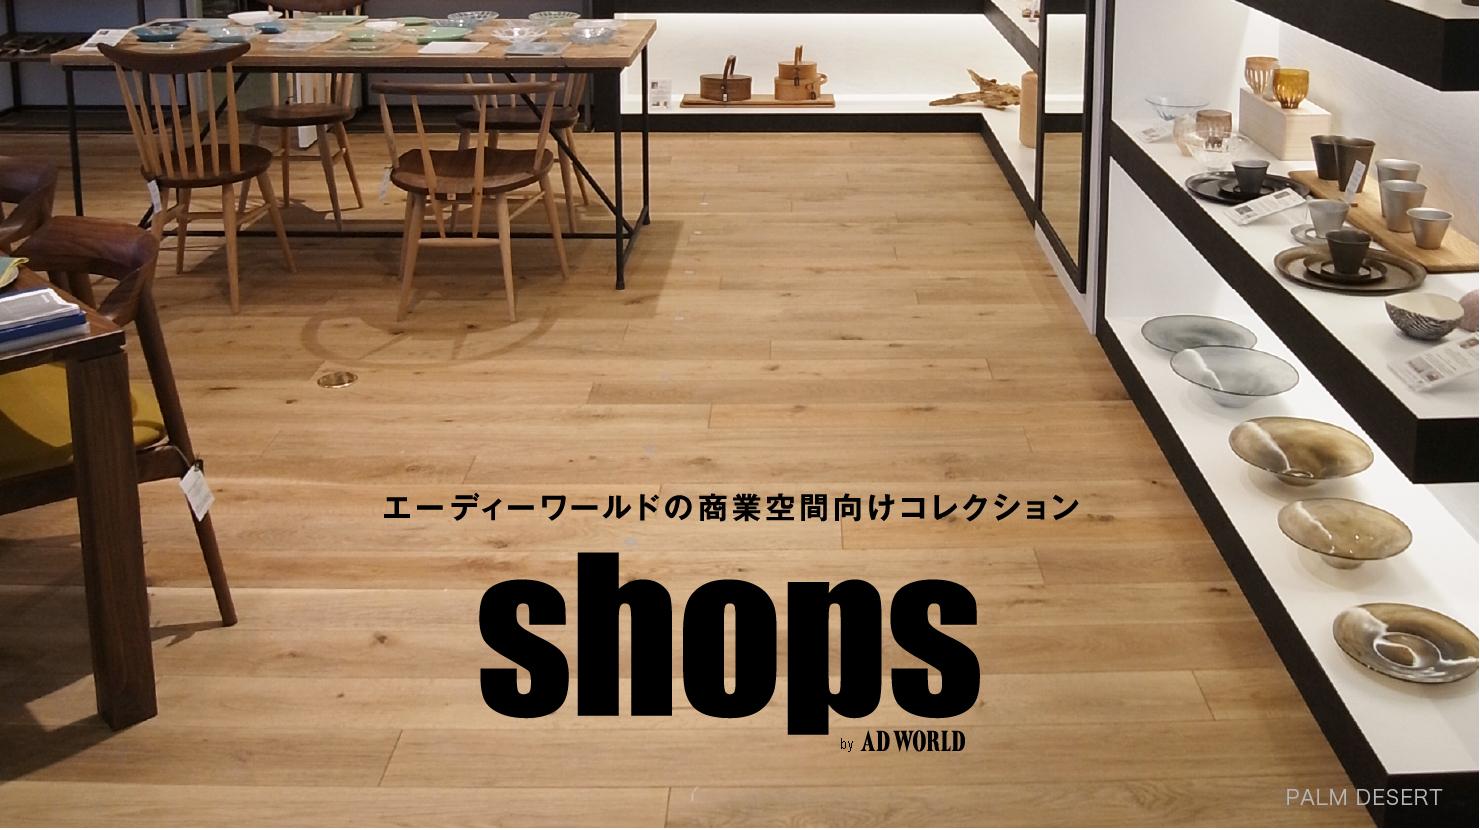 エーディーワールドの商業空間向けコレクション shops PALM DESERT